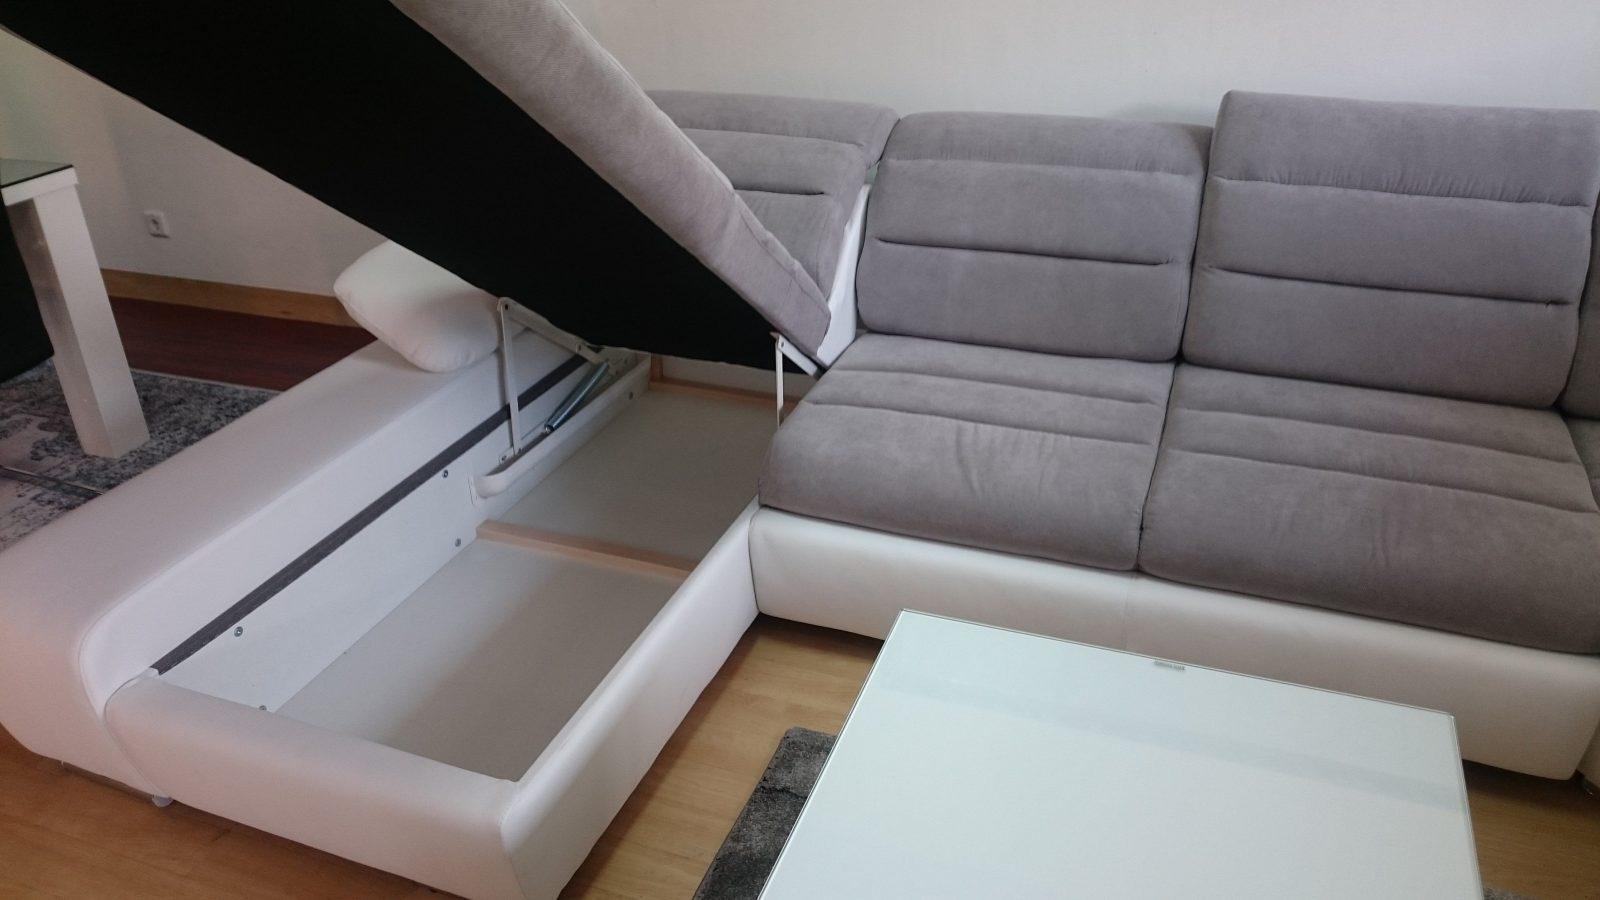 Groß Couch Mit Bettkasten Und Schlaffunktion Eckcouch Kaufen Salute von Couch Mit Bettkasten Und Schlaffunktion Photo